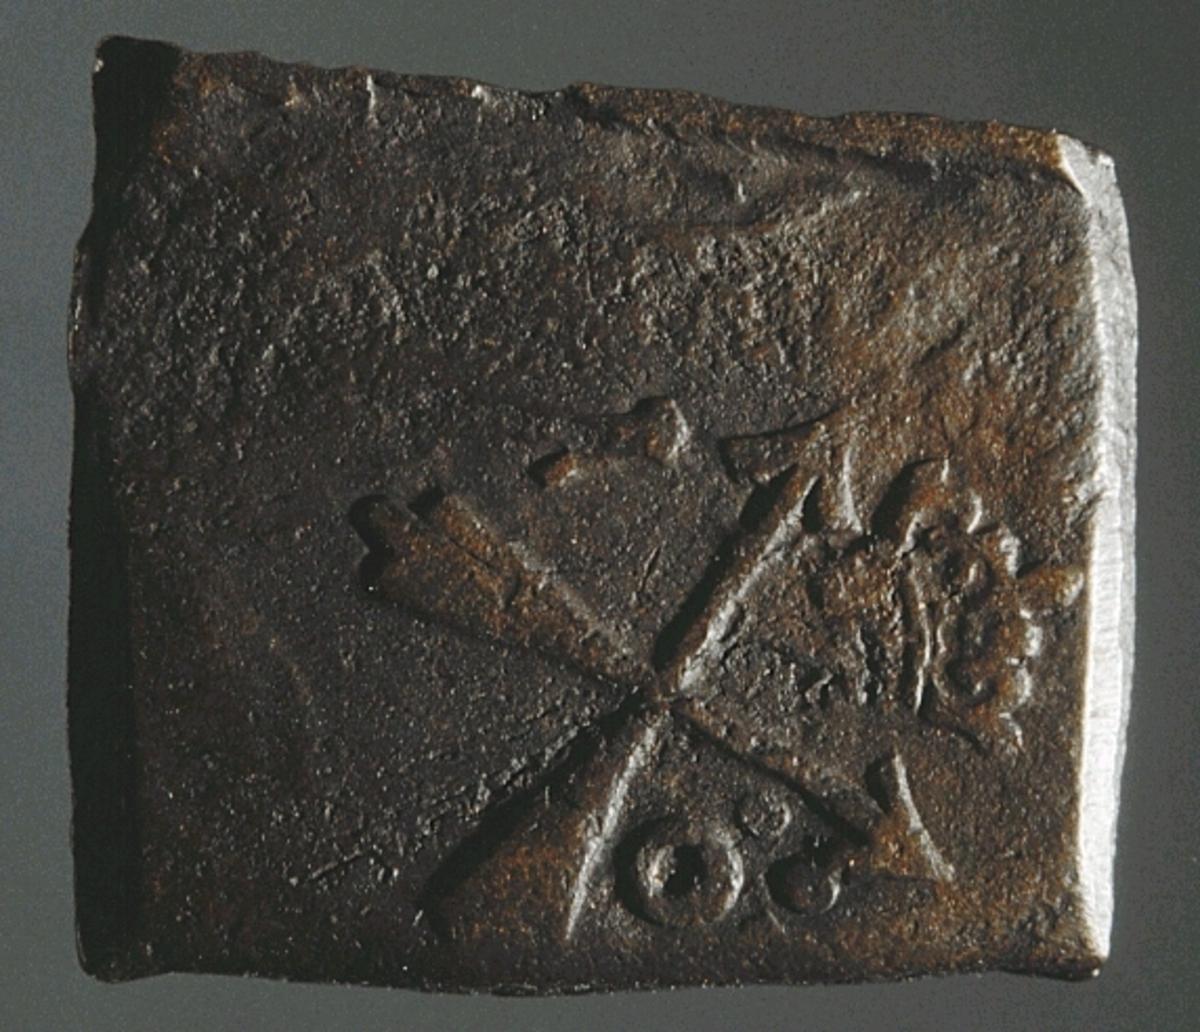 Ett fyrkantigt kopparmynt, s k klipping, med valören 1 öre. På myntets åtsida är två kronor samt versalerna G och A svagt synliga. G står till vänster om kronorna, medan A är placerat ovanför kronorna. Präglingsåret längst ner på åtsidan är 1625, endast delvis läsligt. Åtsidans prägling är ocentrerad. På myntets frånsida syns två korsade pilar under en krona. Till vänster om pilarna syns siffran 1, till höger versalerna Ö och R. Frånsidans prägling är ocentrerad. Myntets vikt uppgår till 28,6 gram. Myntets åtsida är sliten.  Text in English: Square-shaped coin. Denomination: 1 öre. The obverse side has two crowns, partly visible. The initials G A appear in capital letters. G placed to the left and A above the crowns. The four digit year of coinage, 1625, is placed beneath the crowns and the initials. The date is only partly legible. The coin stamp is off-centre. The reverse side has two crossed arrows beneath a crown, partly legible. To the left of the arrows is the numeral 1, to the right the initials ÖR. The coin stamp is off-centre. Present condition: the obverse side is worn. Weight: 28,6 gram.